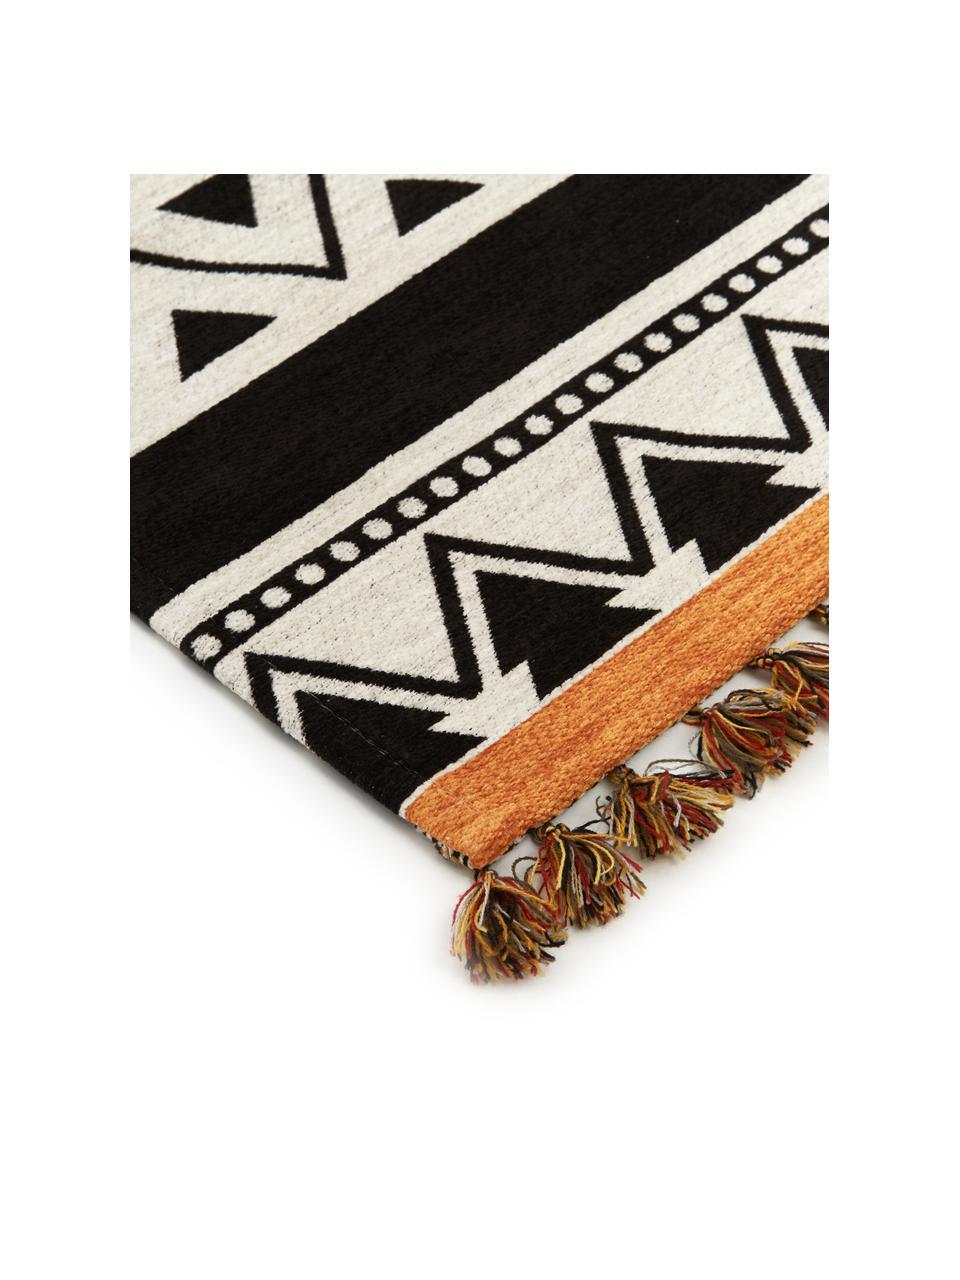 Dywan kilim z chwostami Afar, Bawełna, poliester, Czarny, S 80 x D 150 cm (Rozmiar XS)